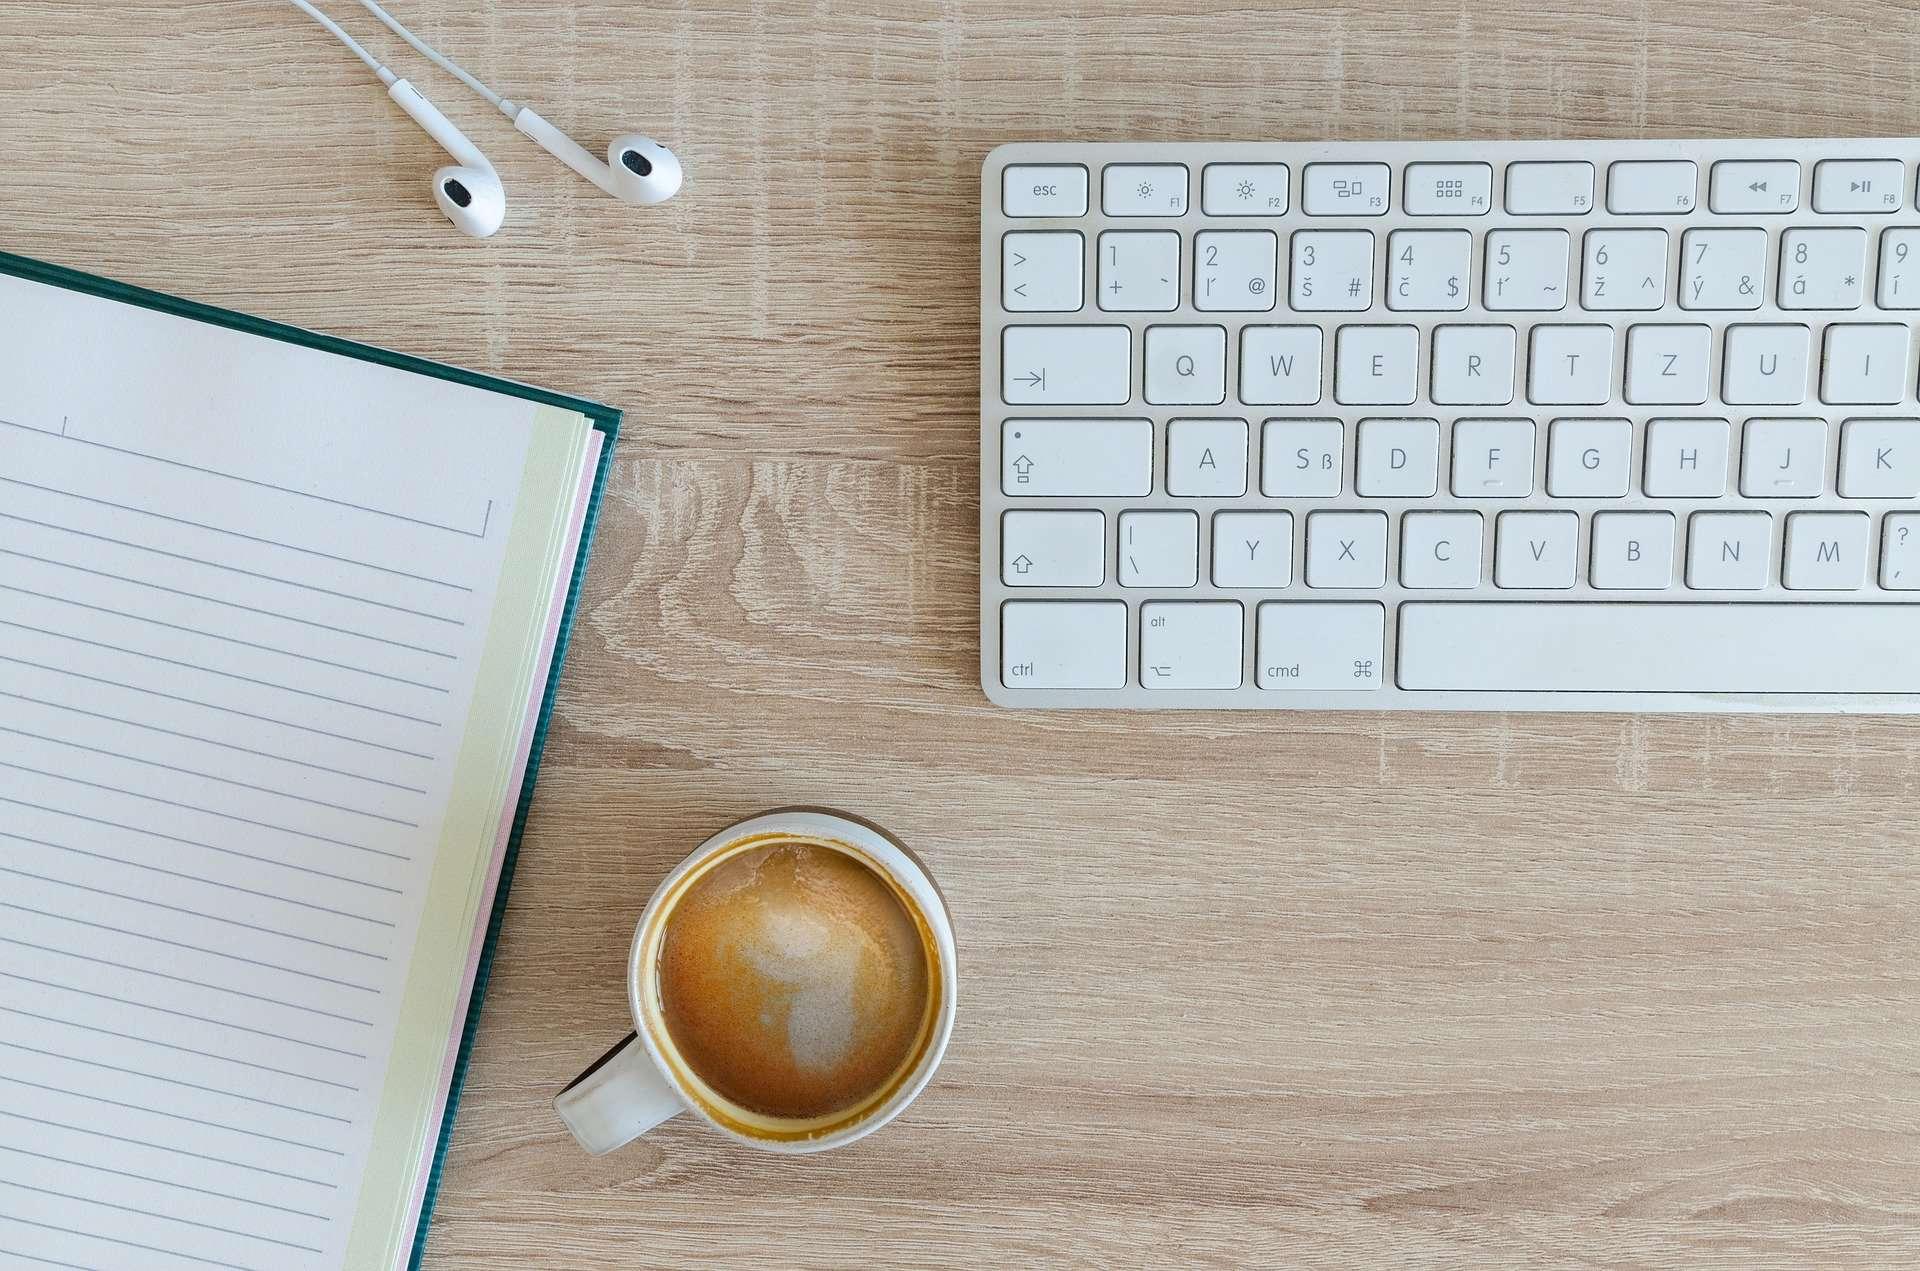 keyboard for web design & digital marketing